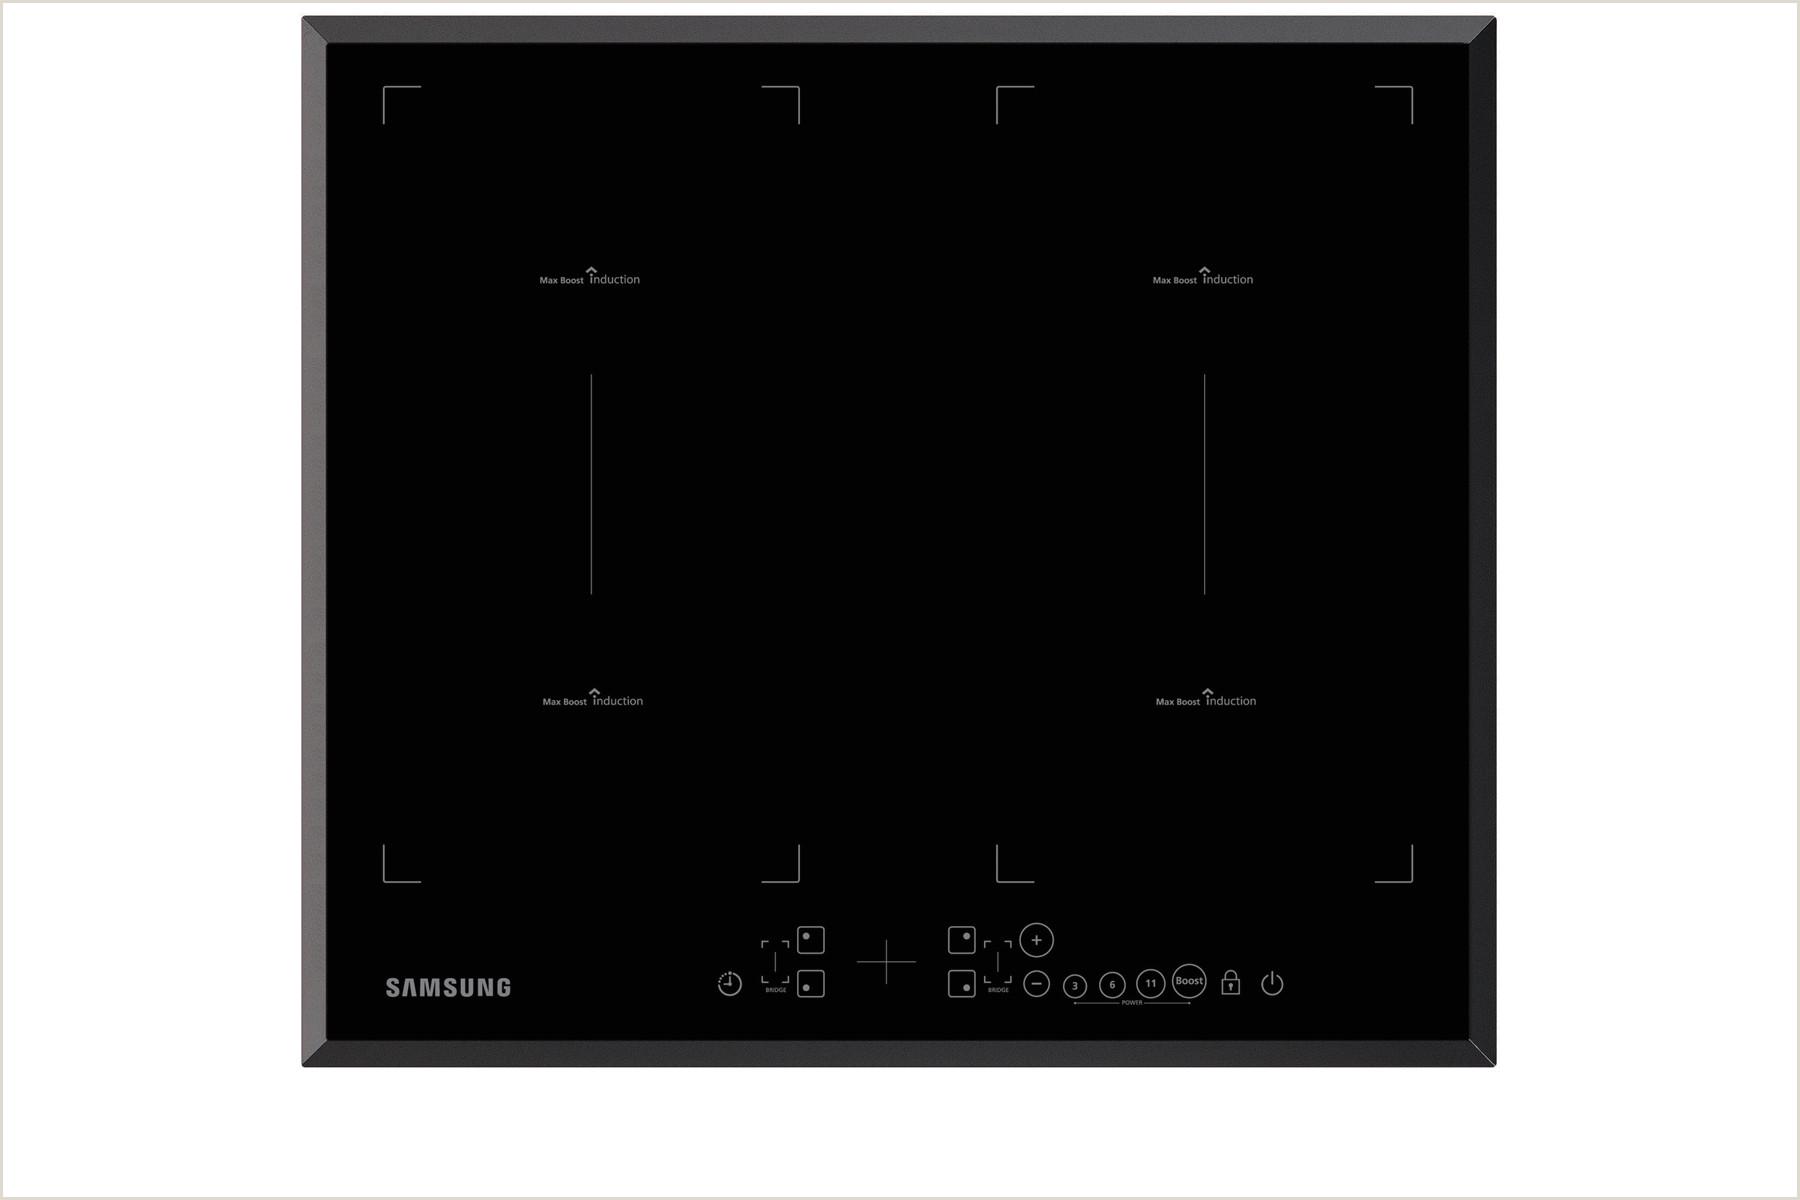 Hoja De Vida formato Unico Actualizado Samsung Electroménager Plaque De Cuisson Table Induction 2